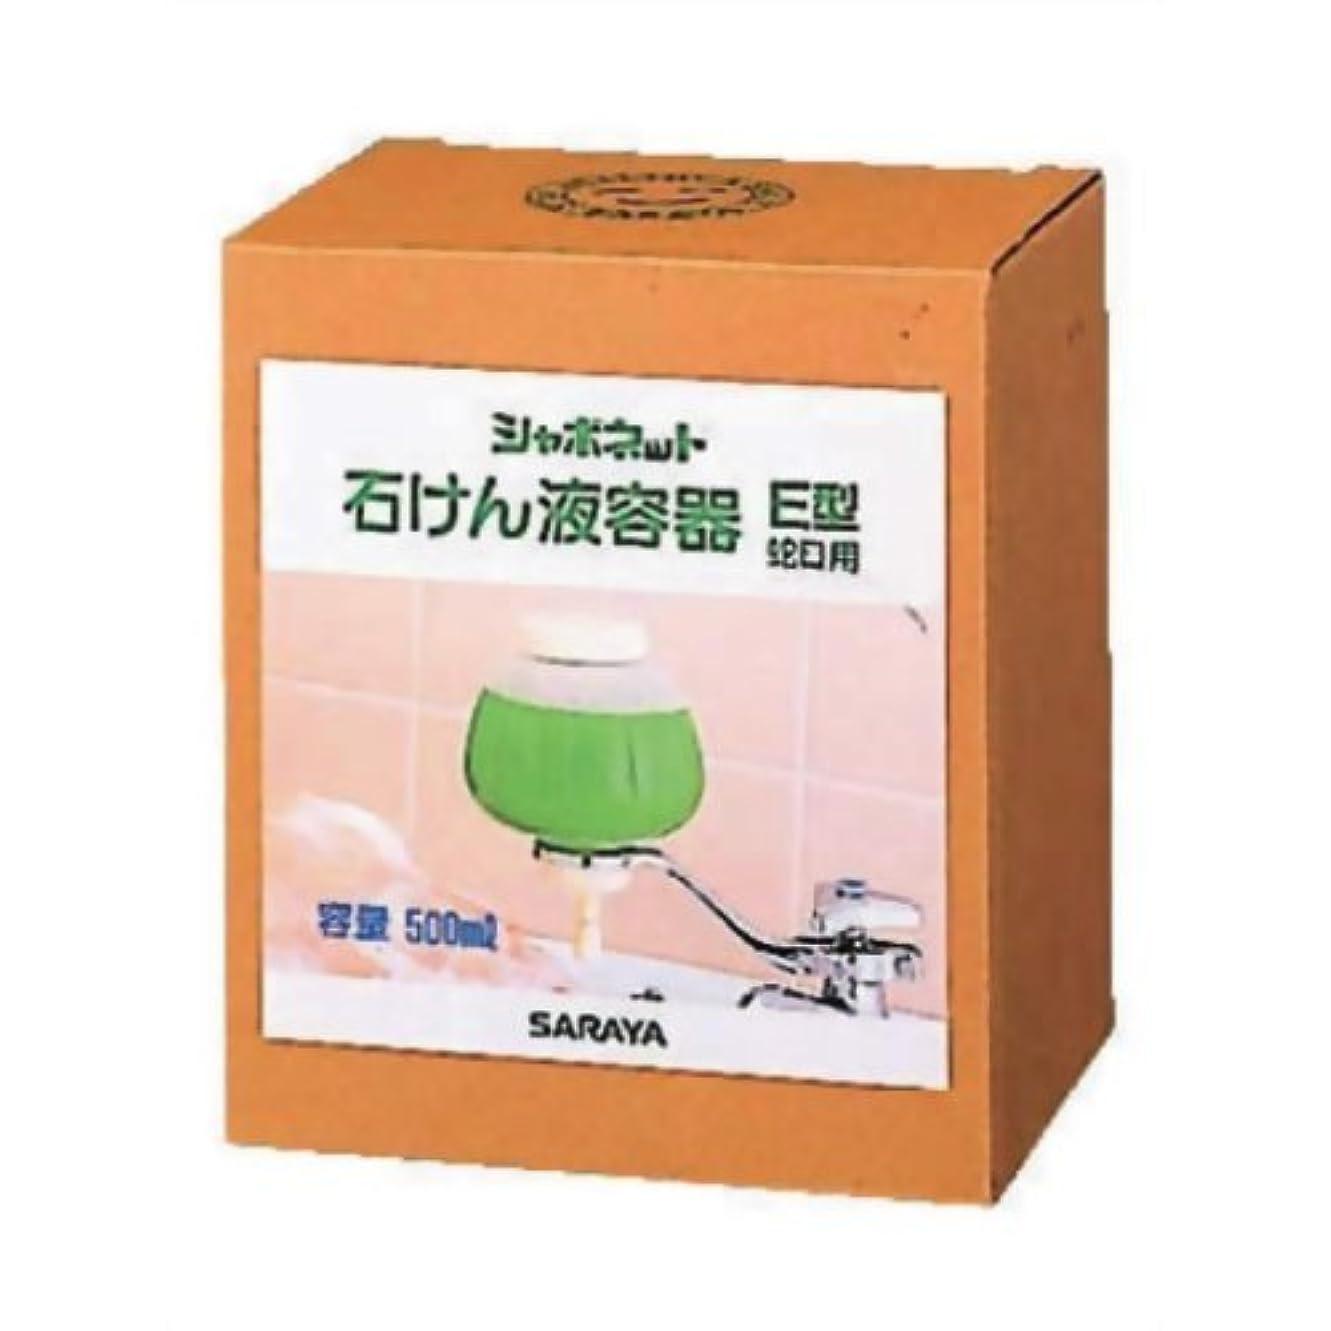 相対的オート不適切なシャボネット 石鹸液容器 E型蛇口用 500ml